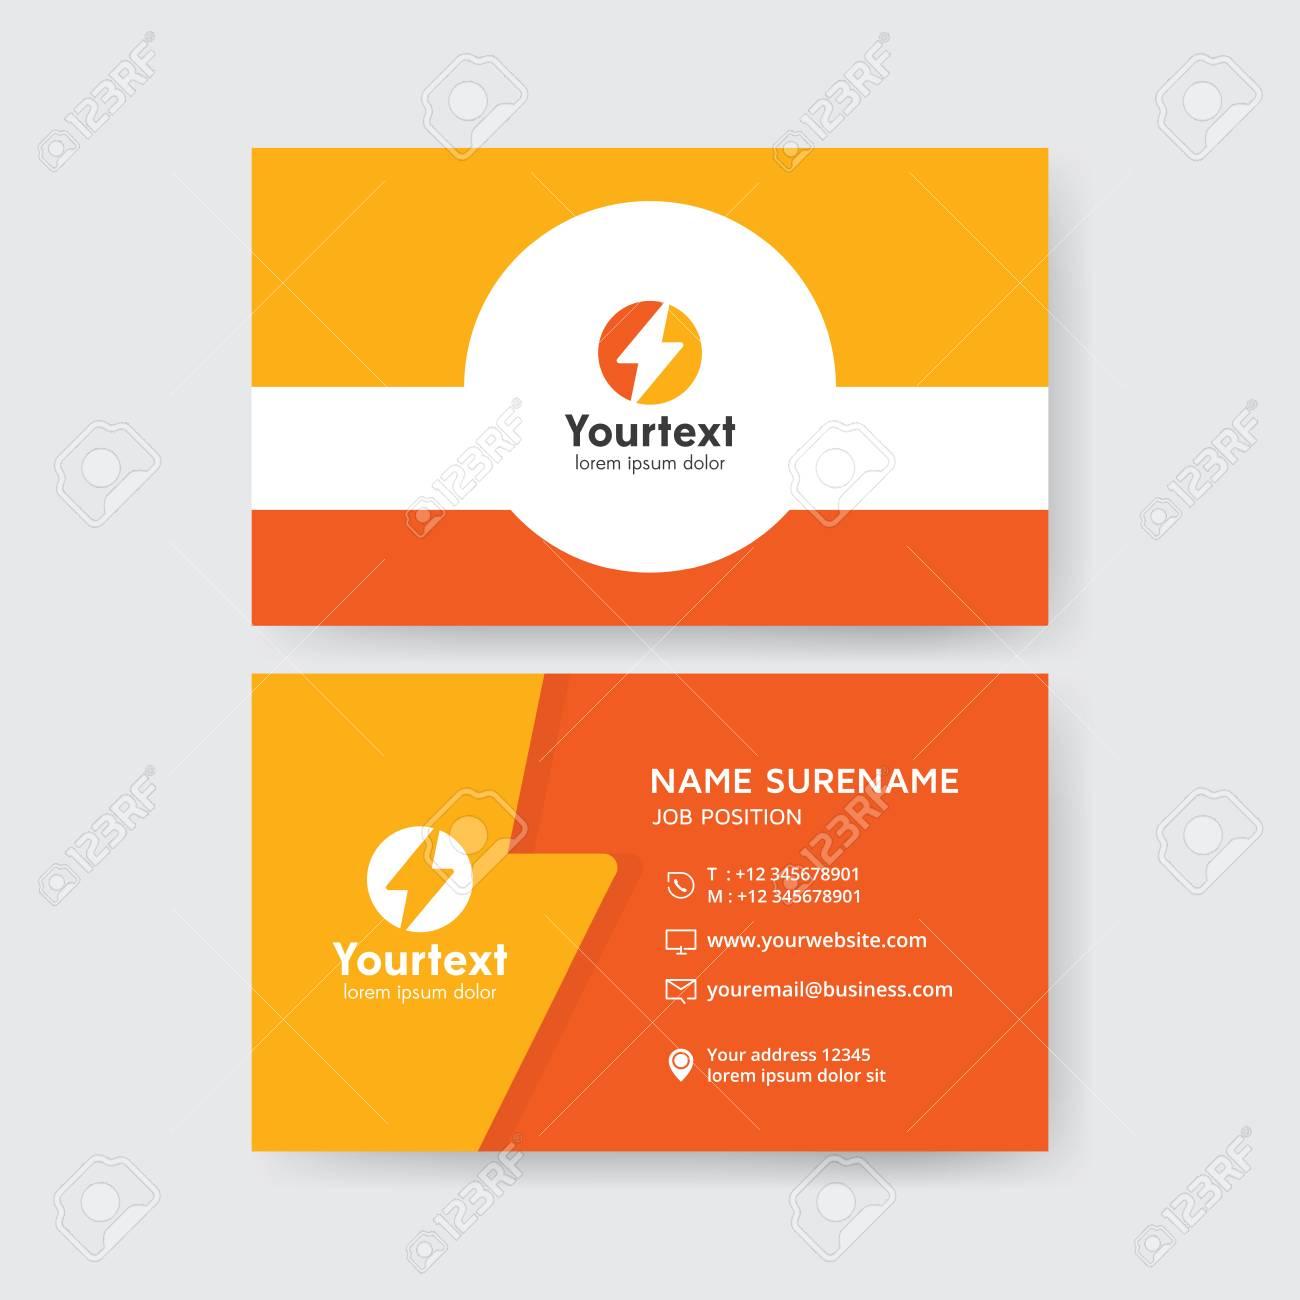 Carte De Visite Creative En Couleur Jaune Et Orange Modele Propre Vecteur Moderne Design Plat Avec Logo Symbole